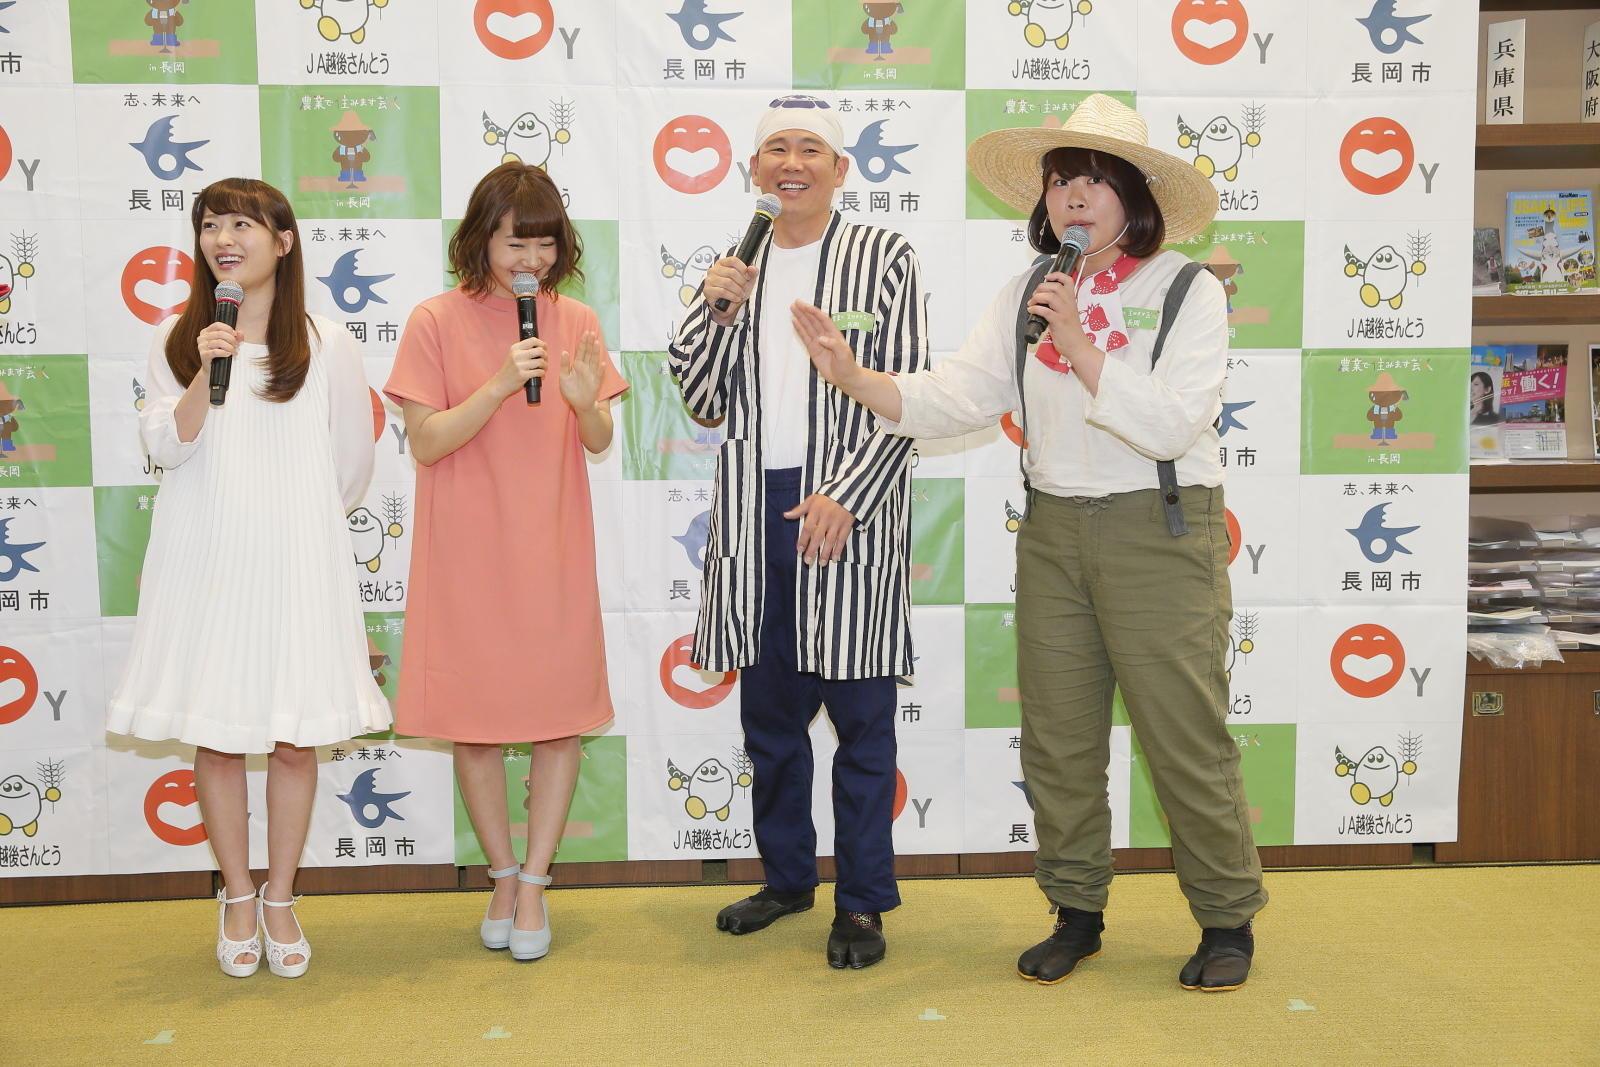 http://news.yoshimoto.co.jp/20160429190442-00d87137881df01c21c8e3dfc768d0cd4146f3b4.jpg